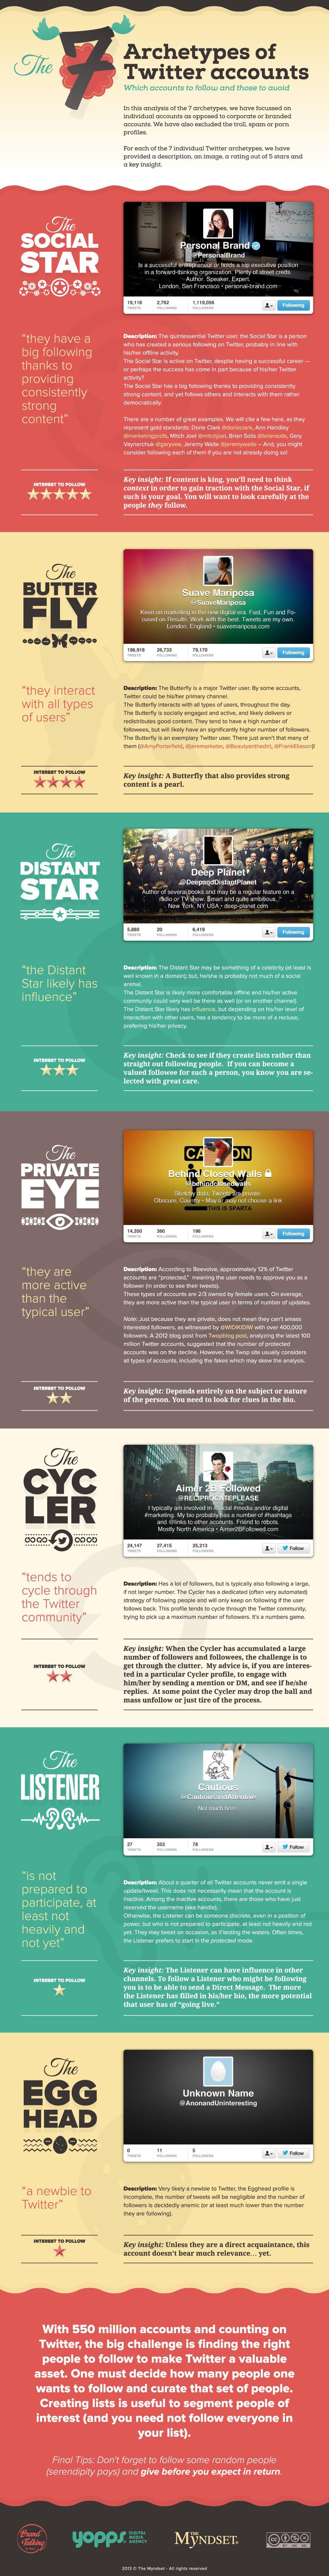 7 soorten Twitteraars - welke ben jij [infographic]